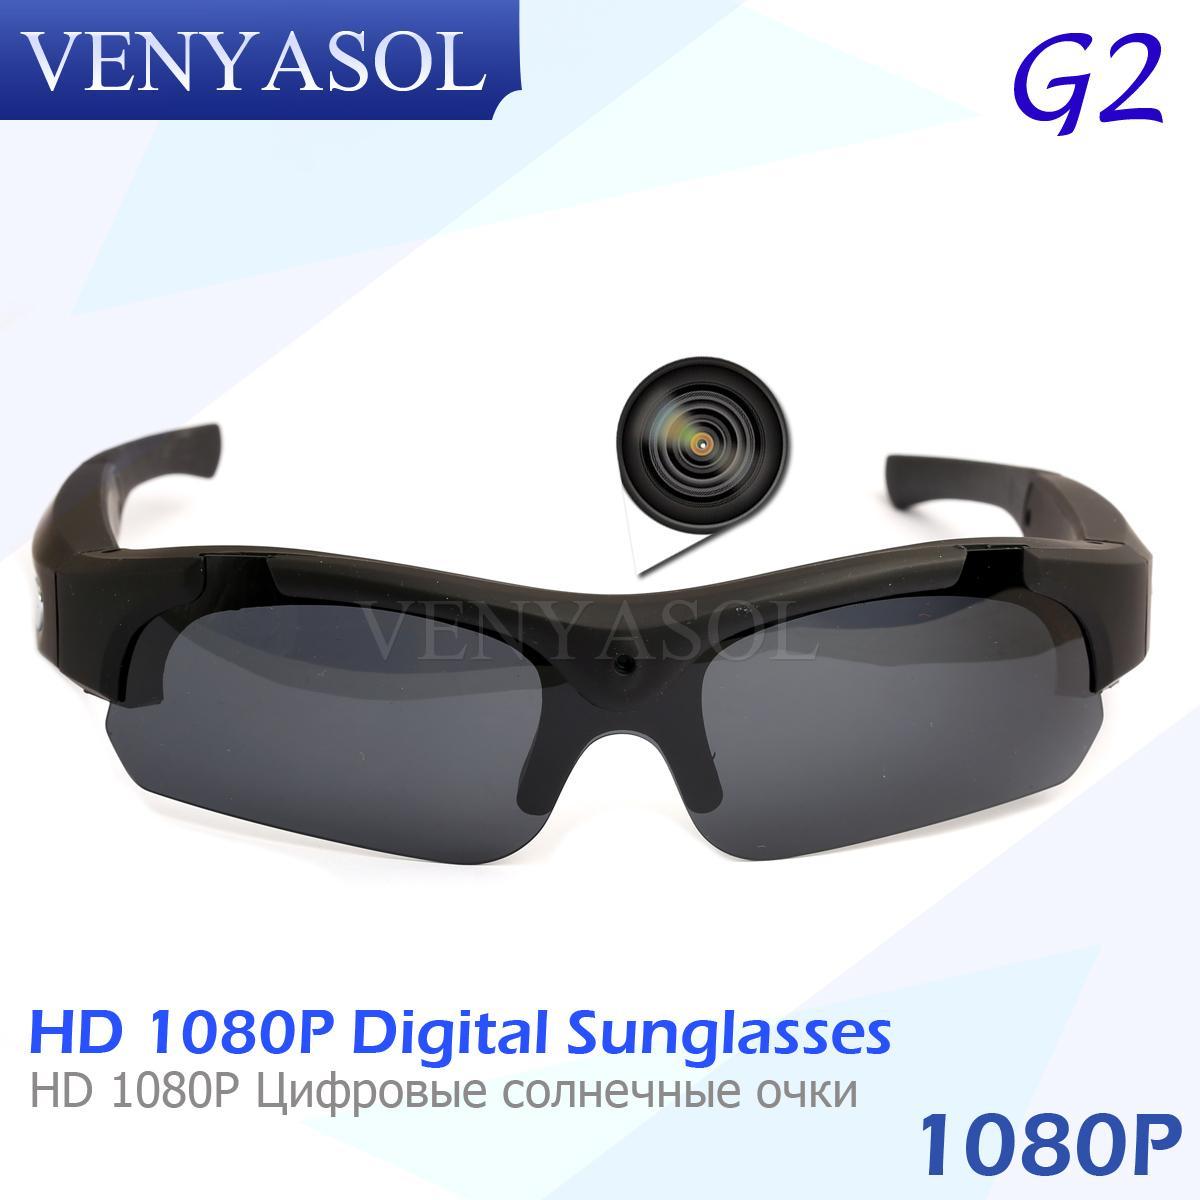 3573f1c92c Compre VENYASOL FULL HD 1080P Polarized Mini Cámara Gafas De Sol Grabador  De Video Digital Gafas Sport Camcorder Secreto Al Aire Libre Cámara Negro A  $64.53 ...